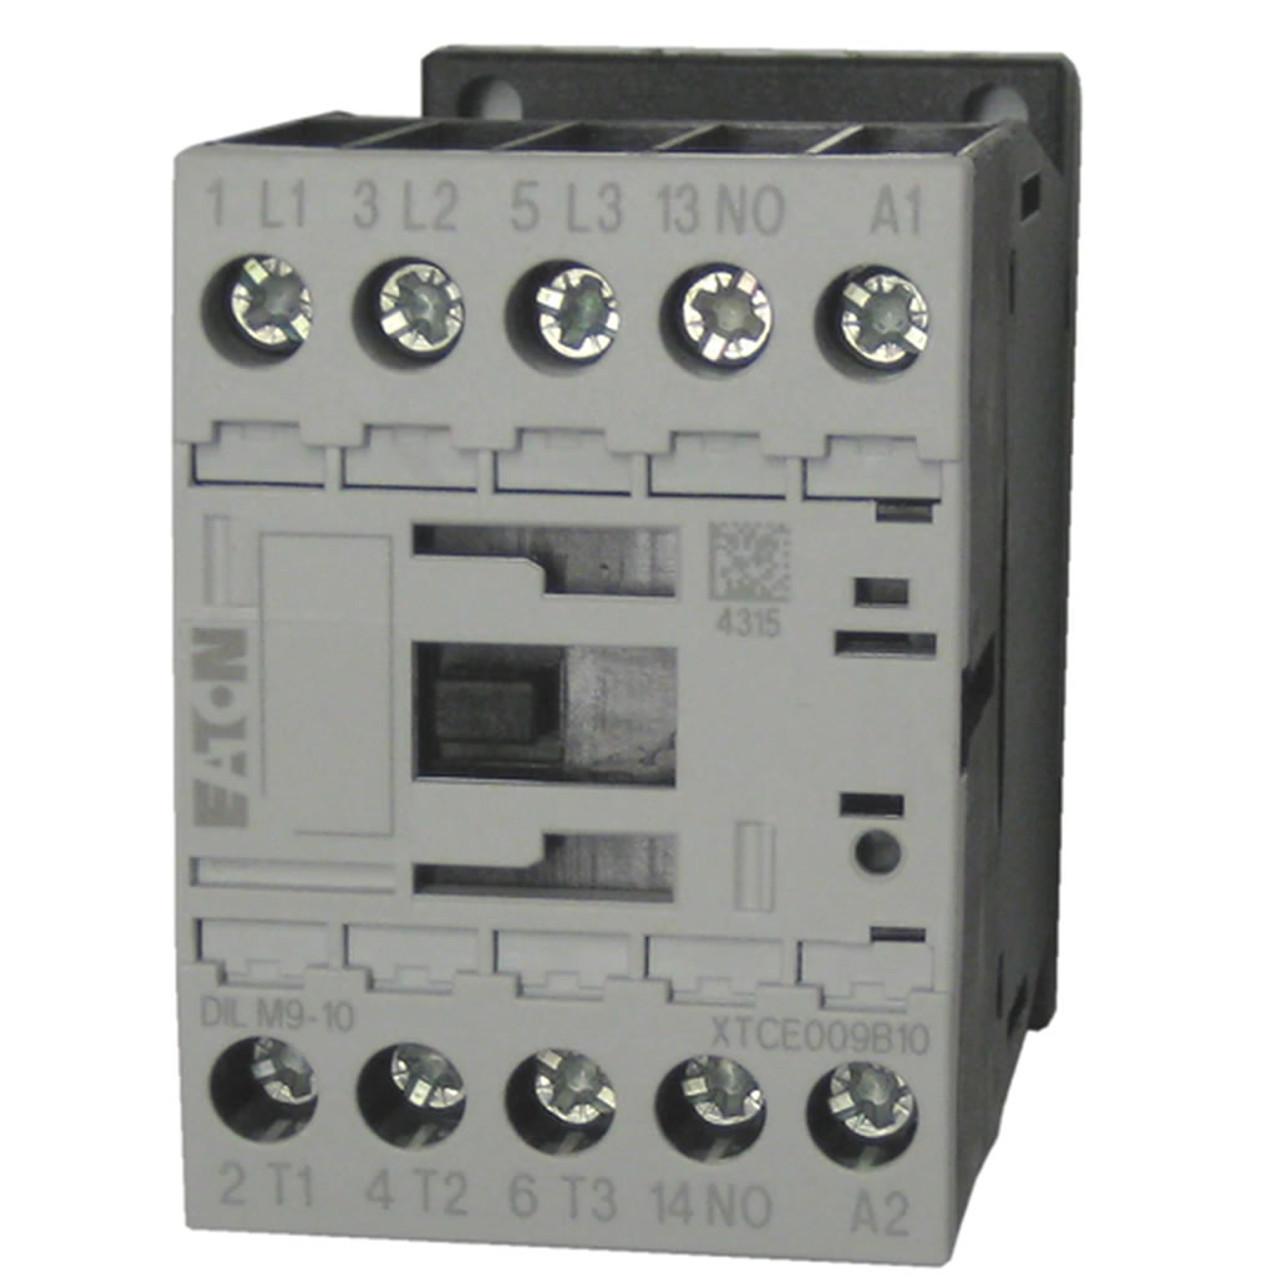 Eaton XTCE009B10E contactor